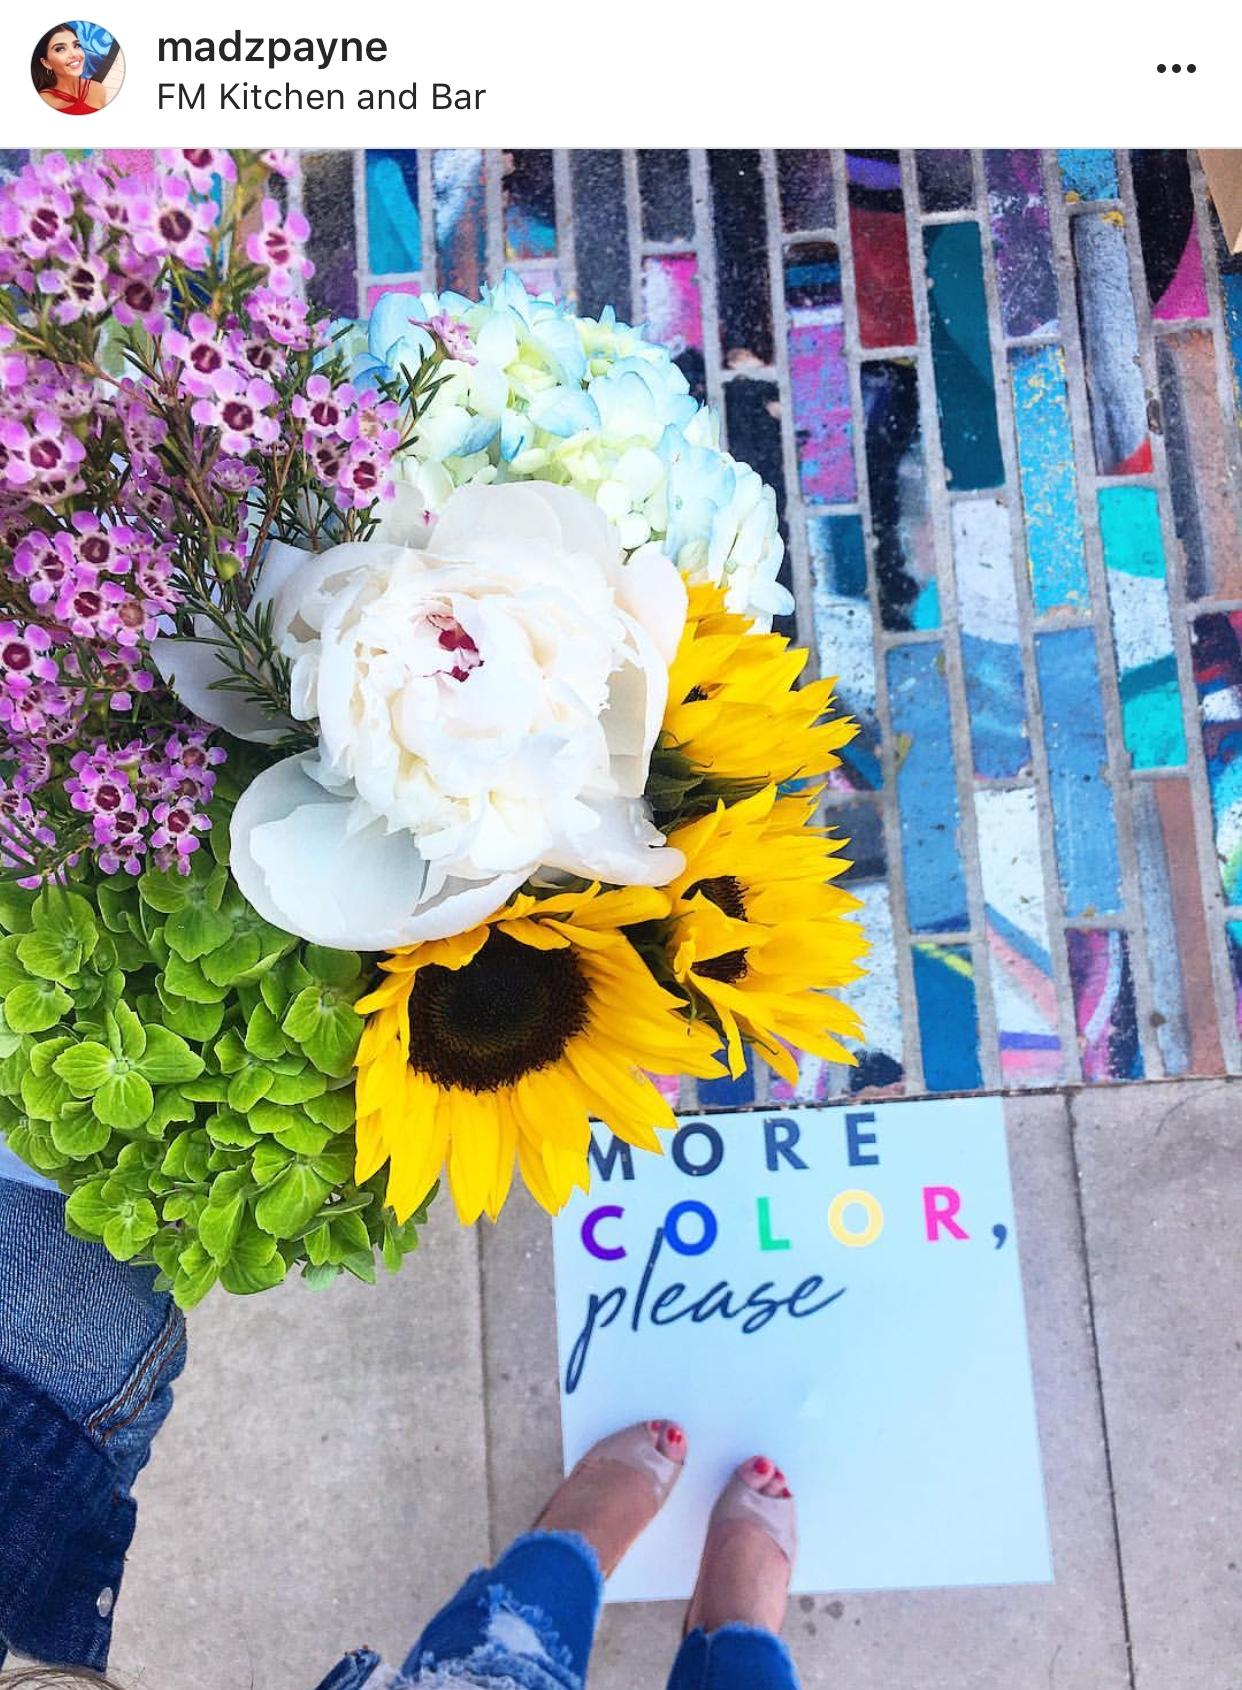 flowers madzpayne instagram